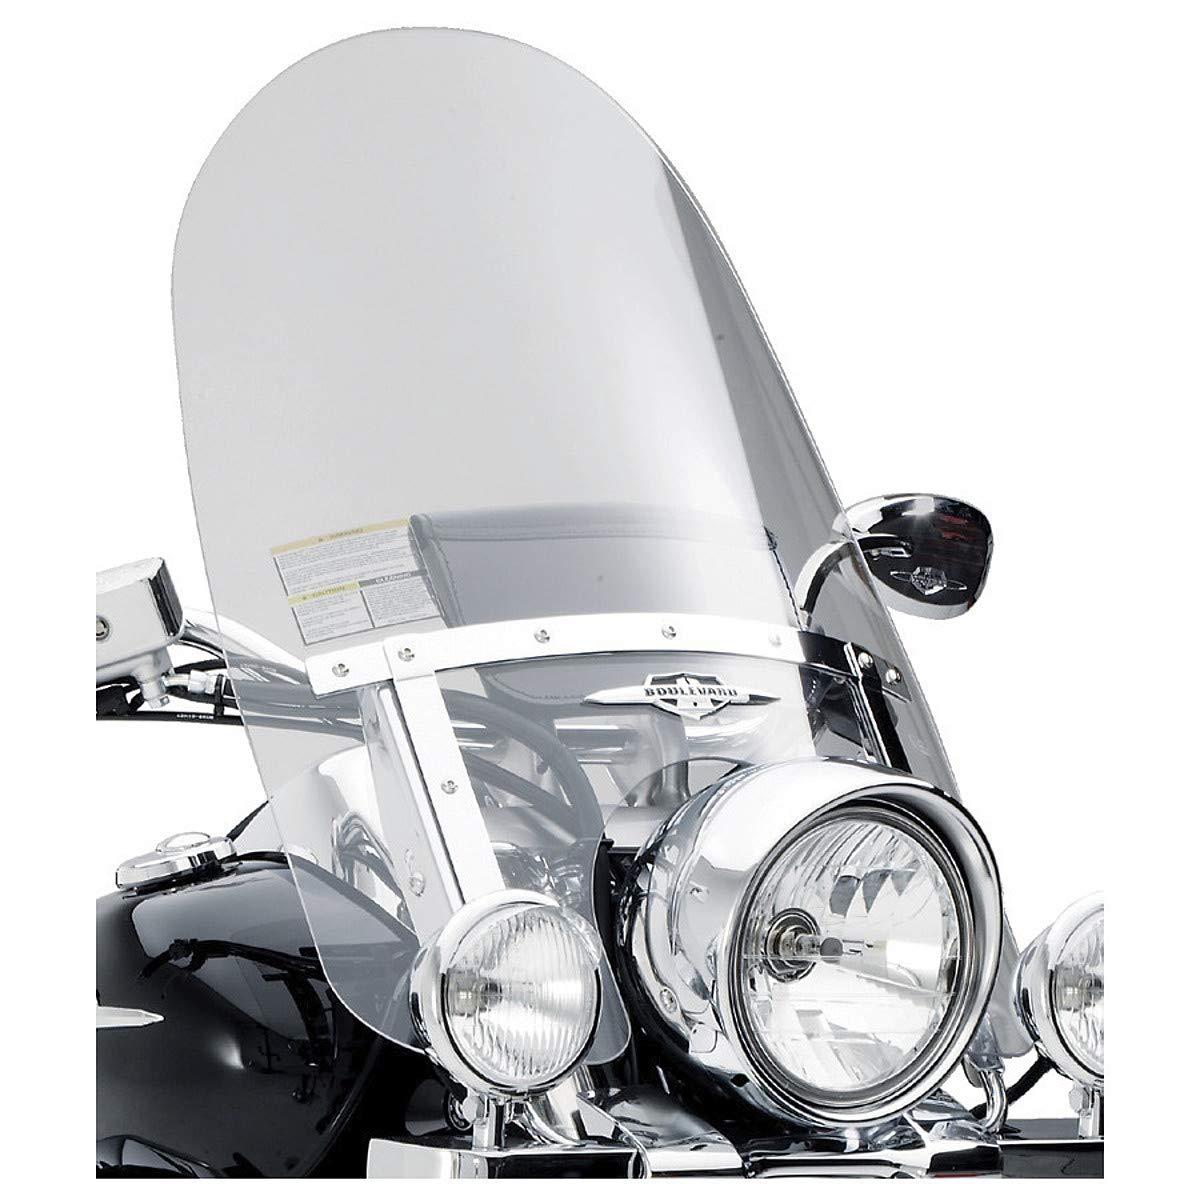 Suzuki Genuine Accessories Touring Windshield for 05-20 Suzuki VL800B